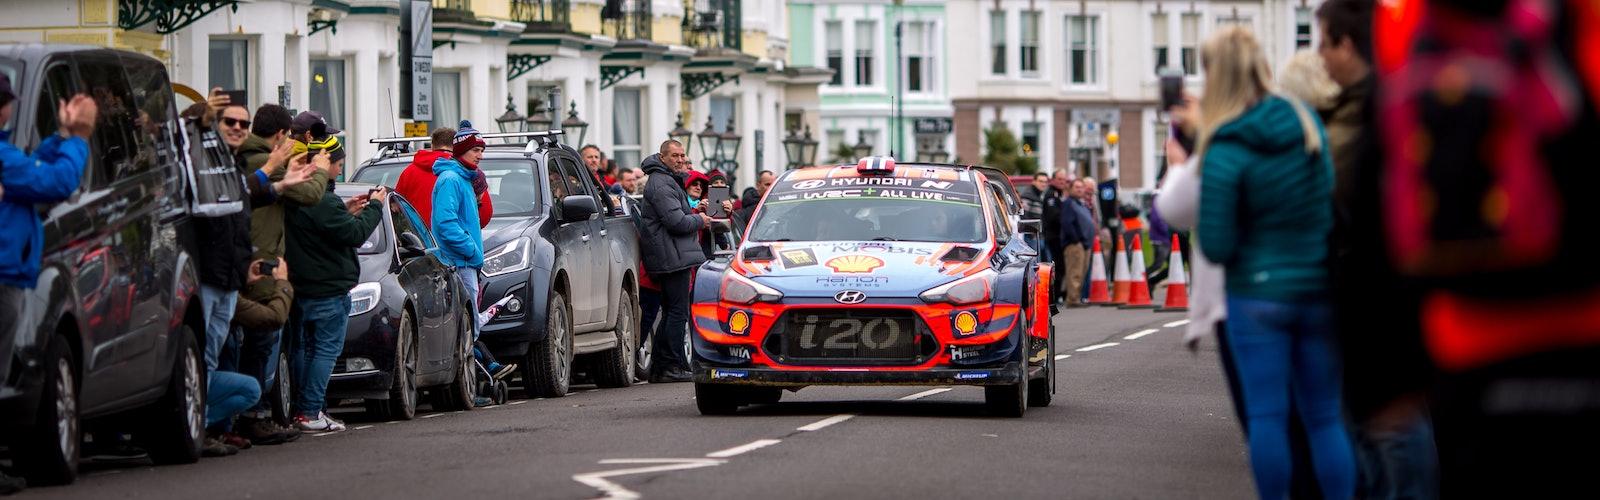 Hyundai Rally GB 2019